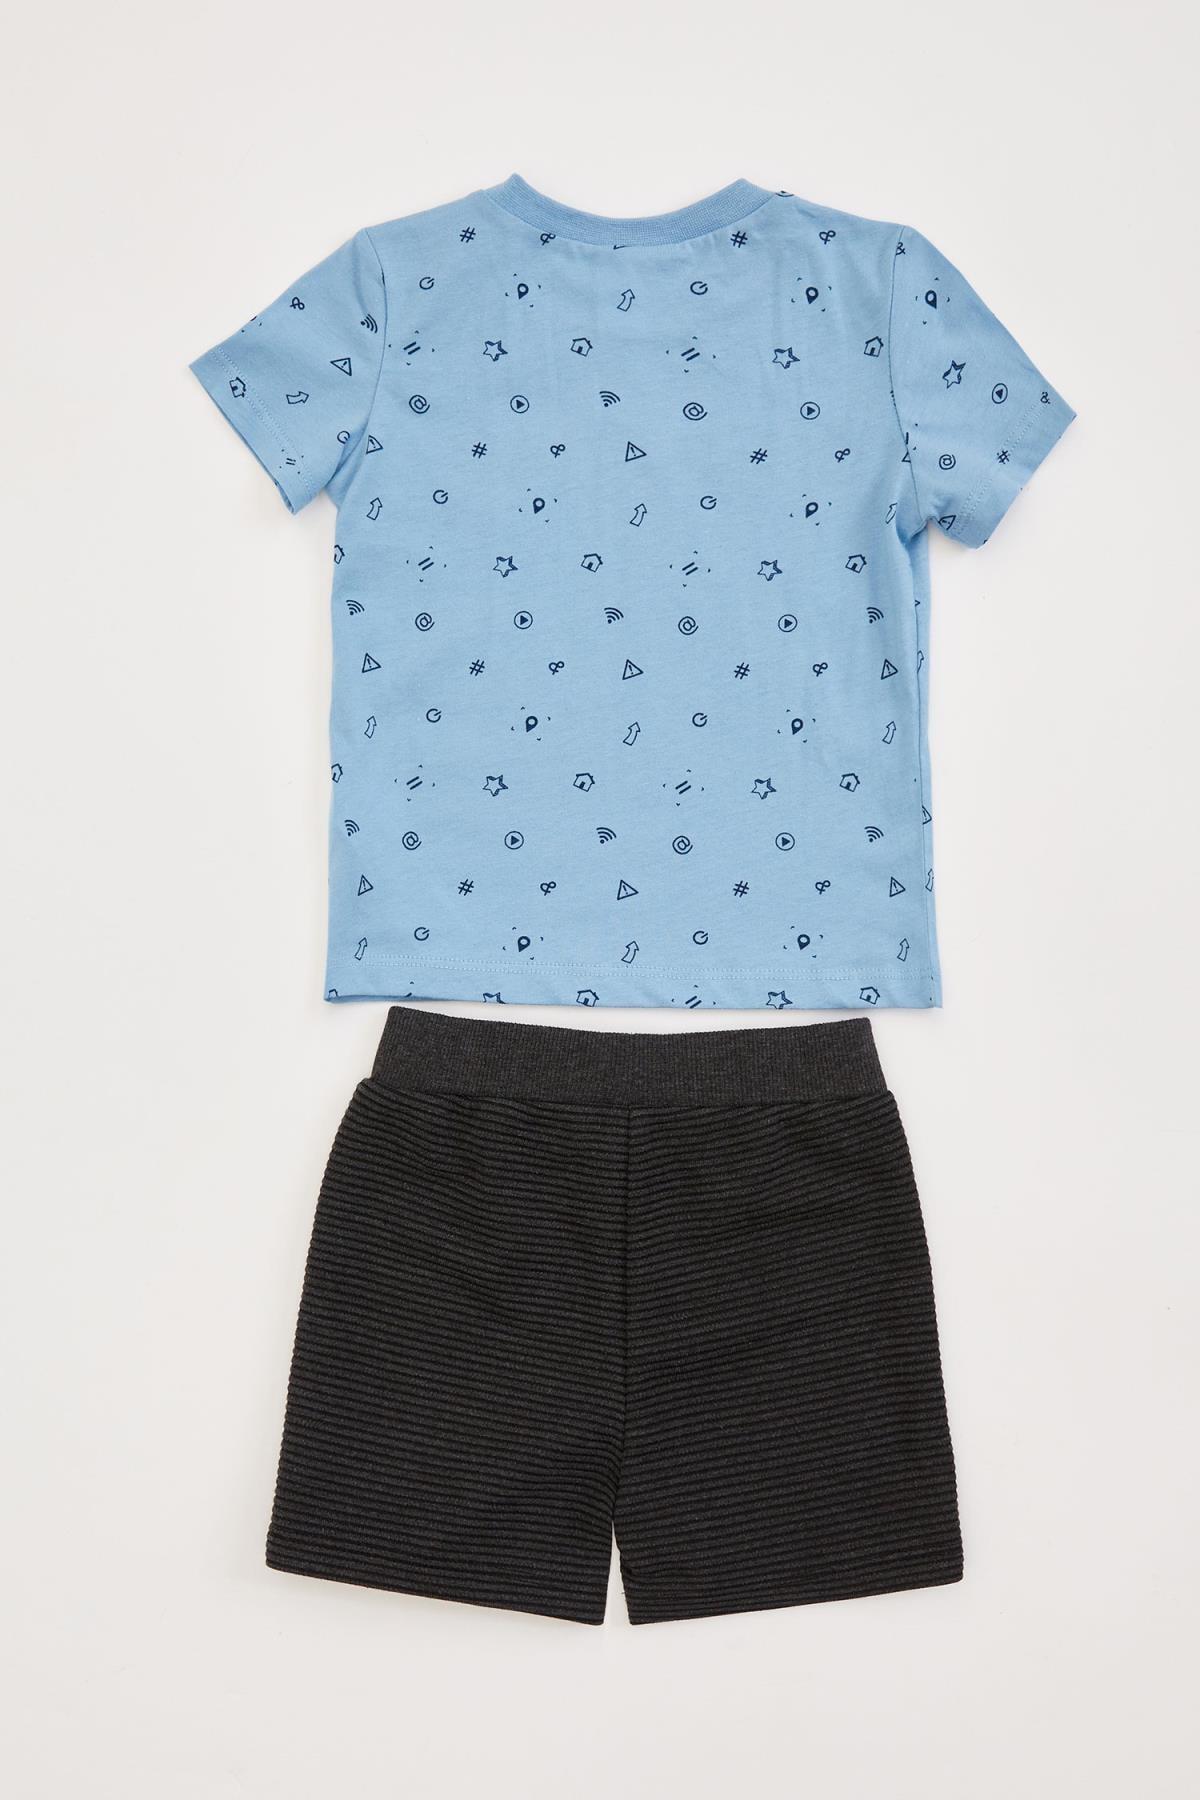 Defacto Erkek Bebek Baskılı Şort Tişört Takım 1